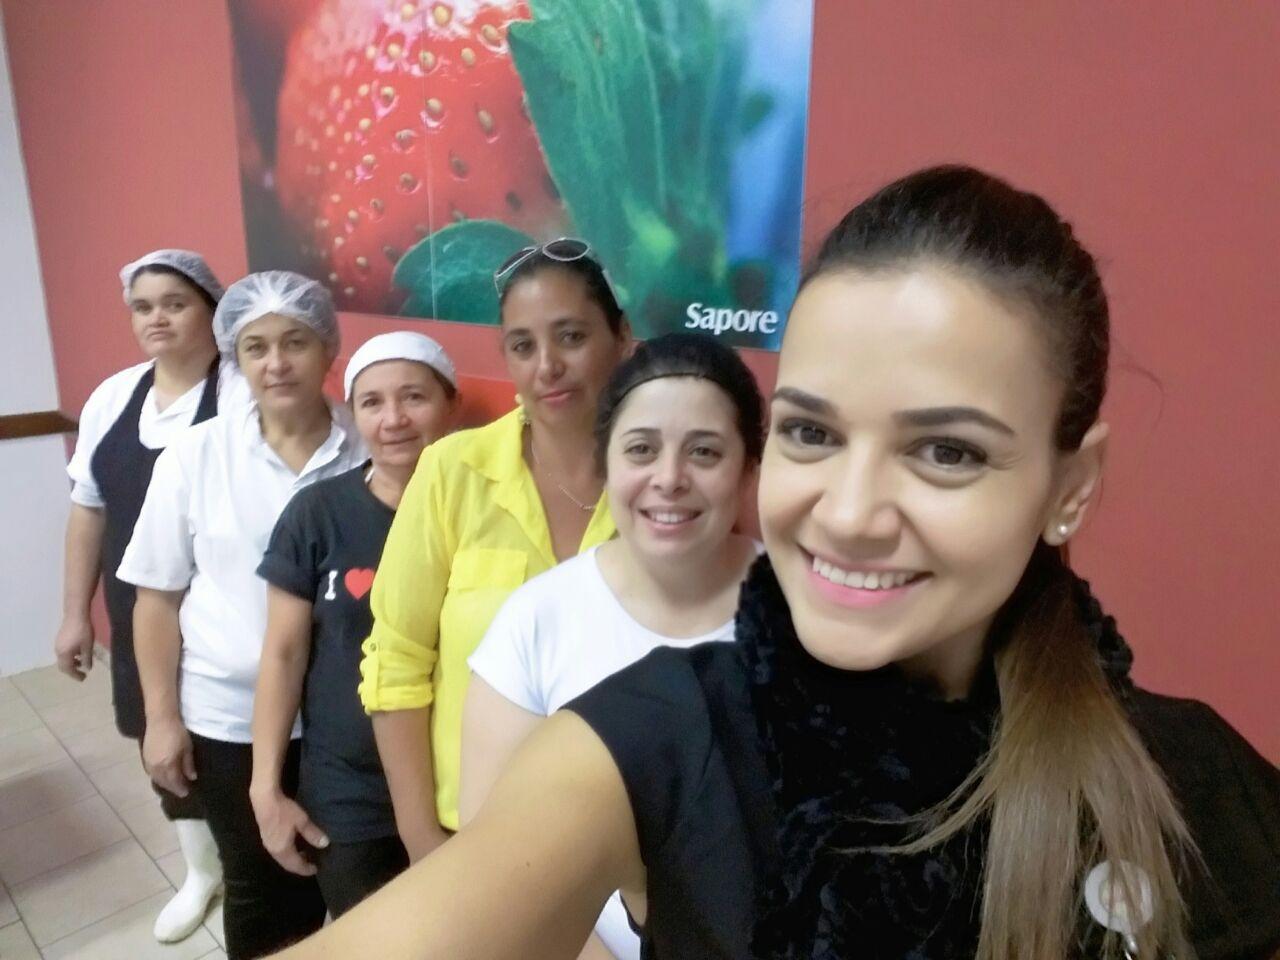 Visita Unidade Da Sapore Na Empresa Tinturaria Estamparia Primor